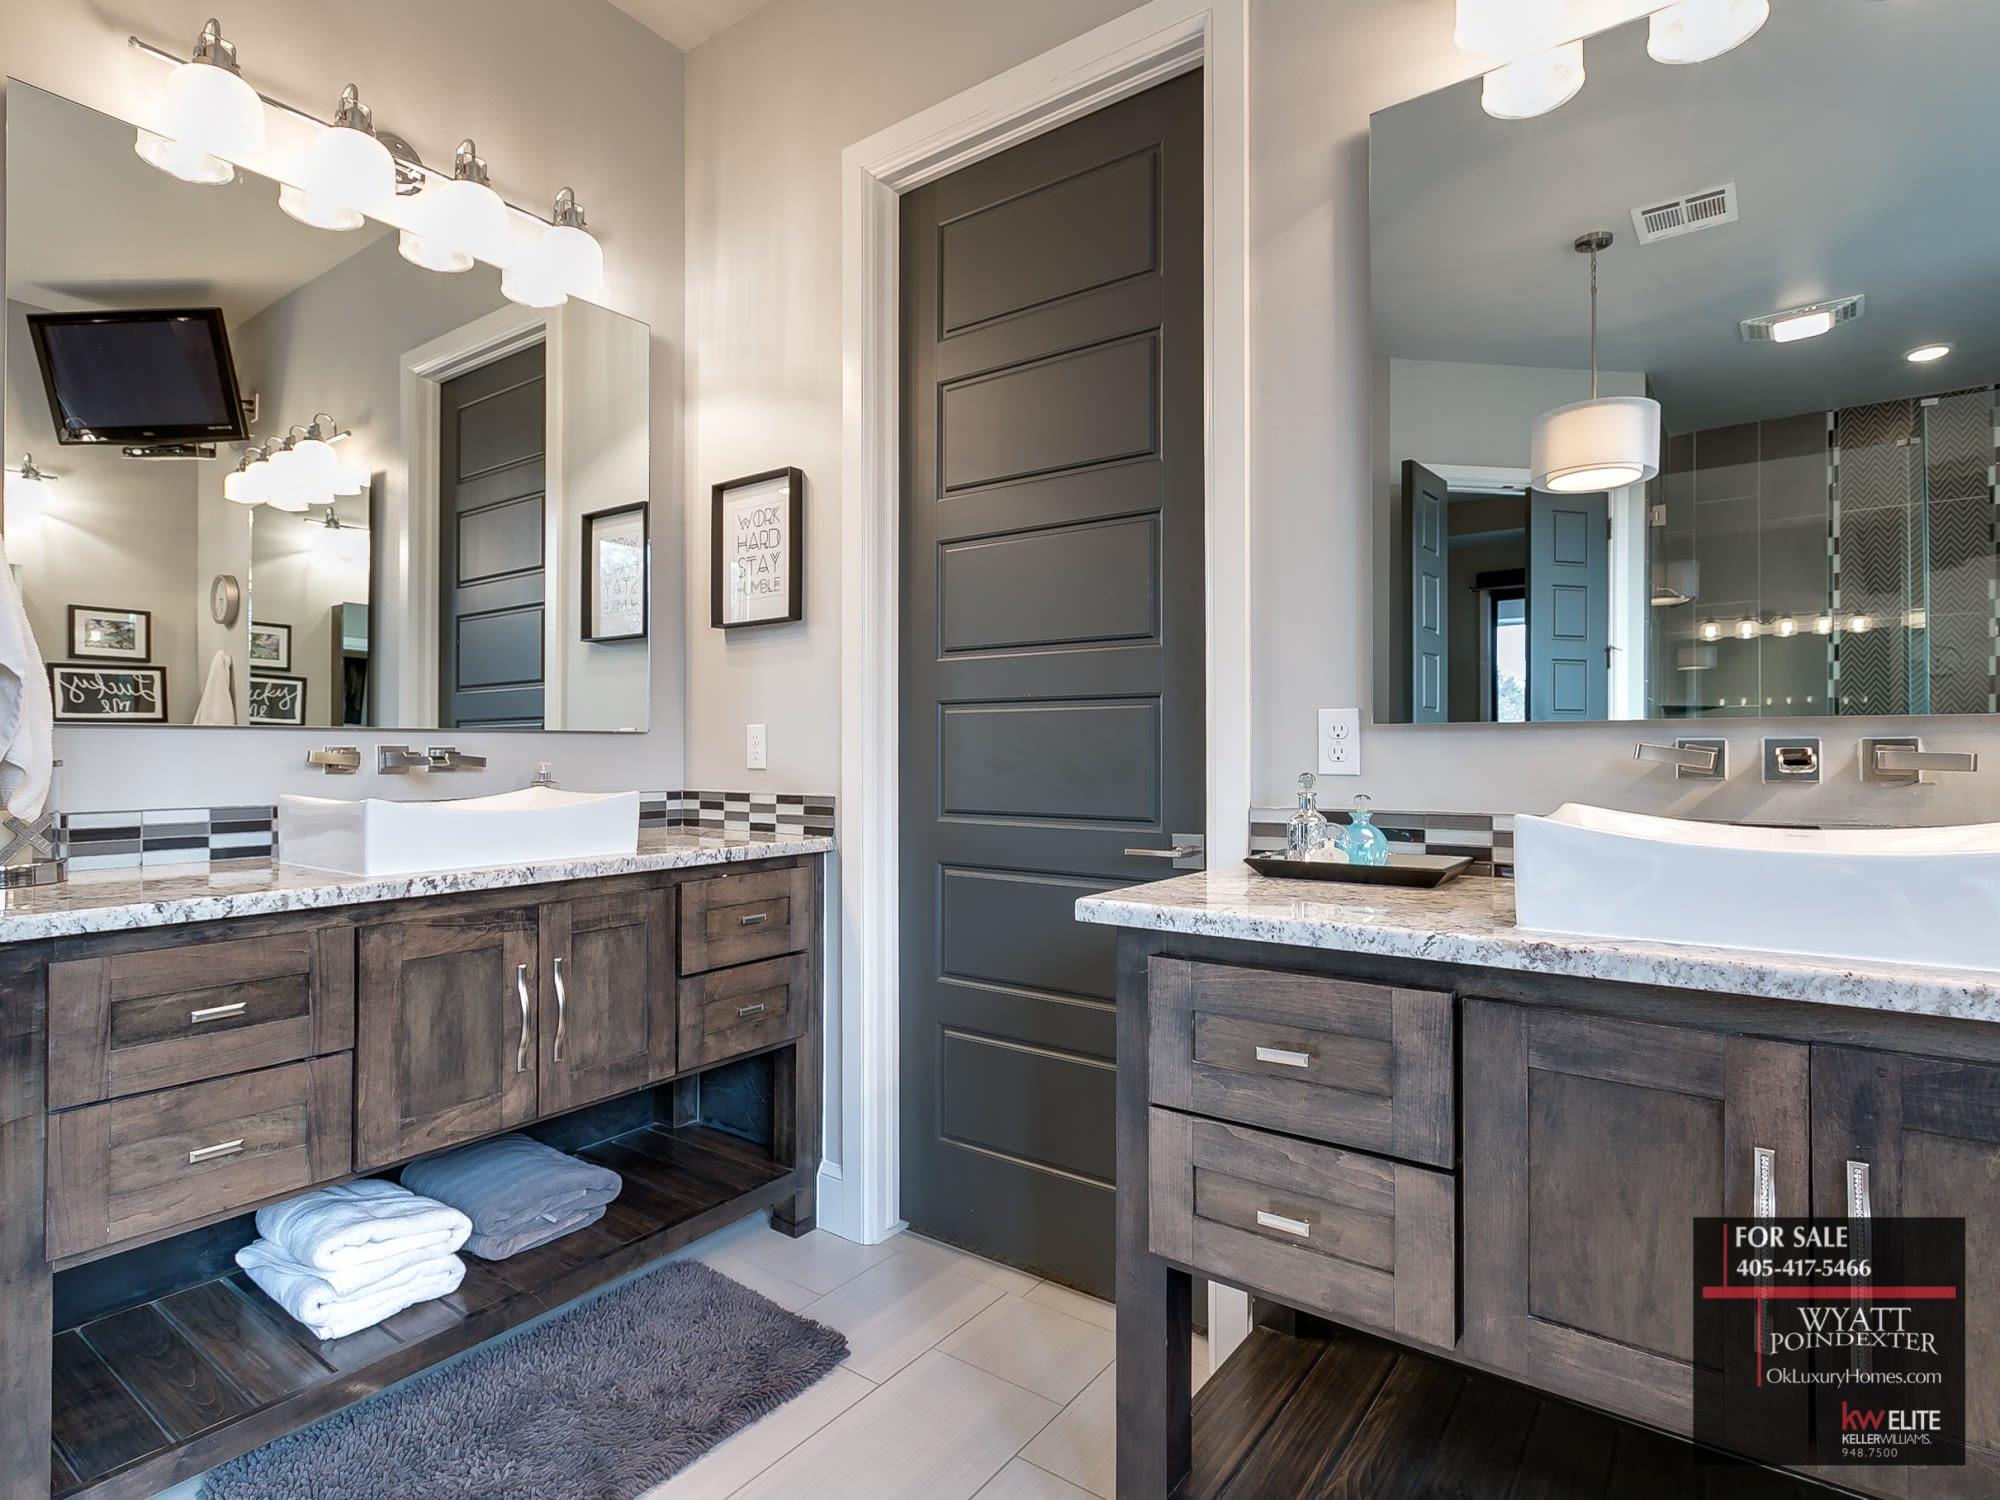 Bathroom Faucets Edmond Ok 6817 cave creek pt edmond ok 73034 forest creek estates | wyatt